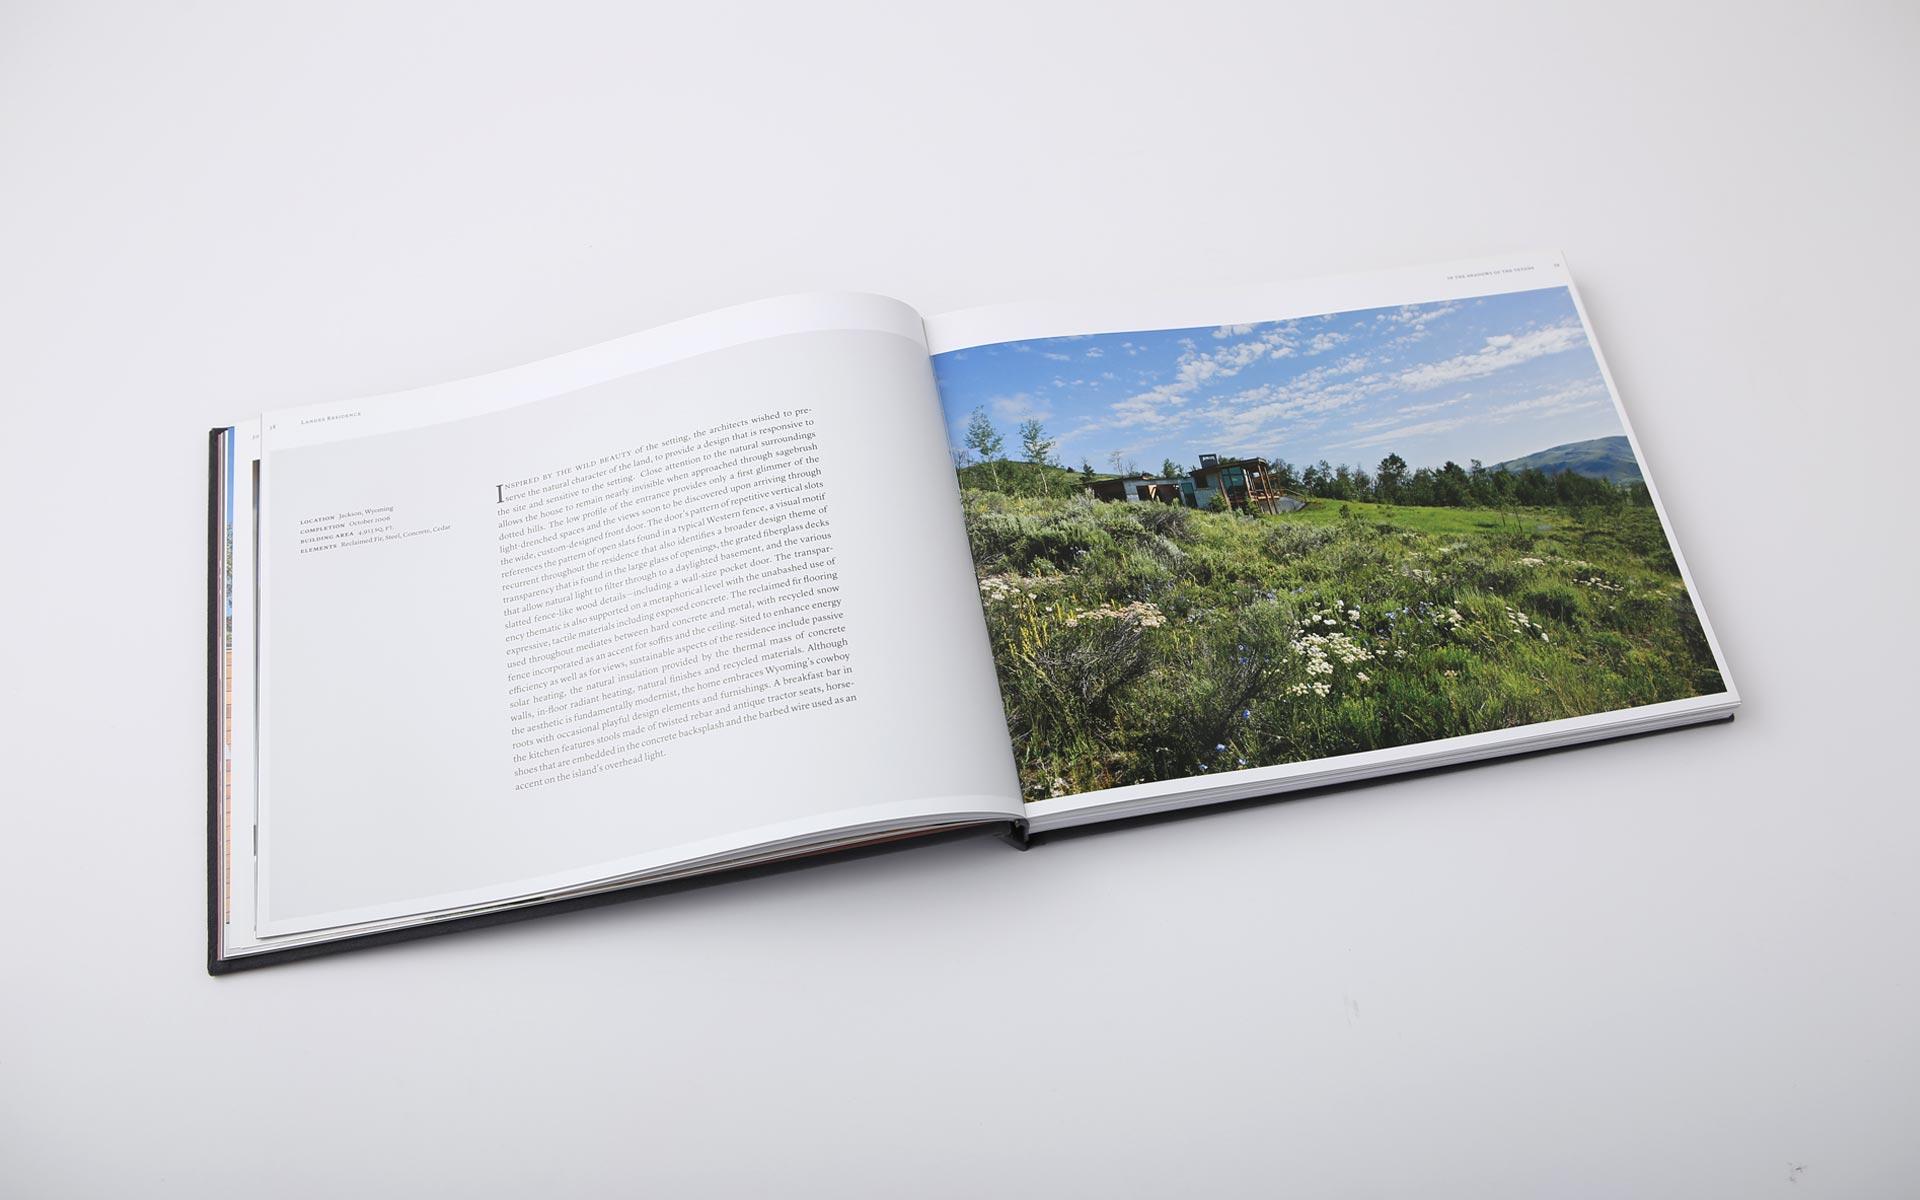 ward-blake-architects-book-design-6